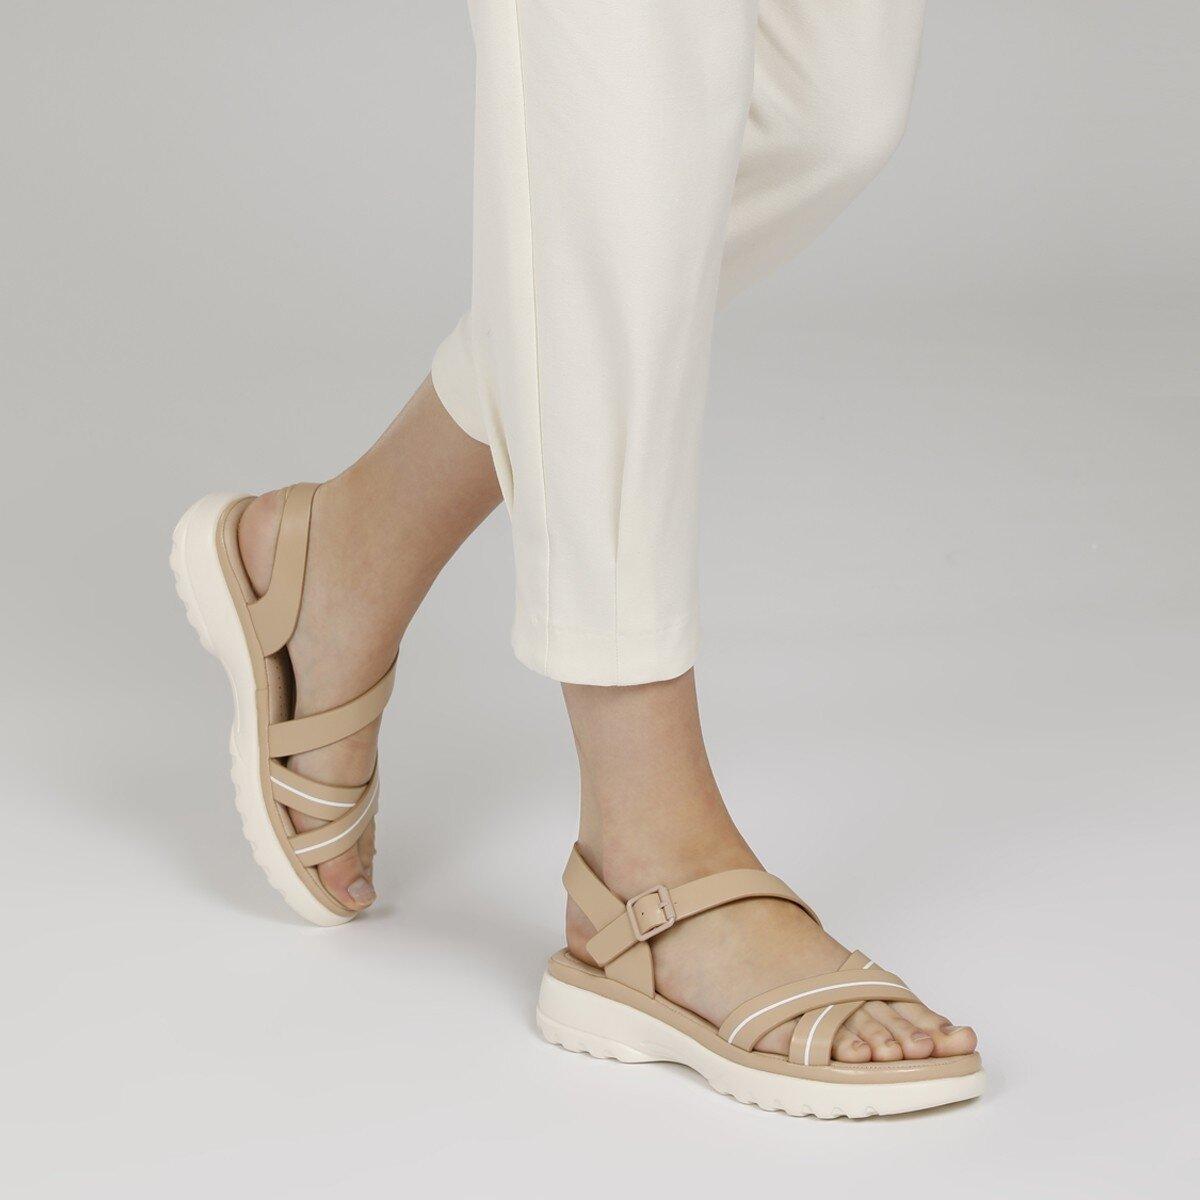 ABILANIEL 1FX Bej Kadın Kalın Taban Sandalet